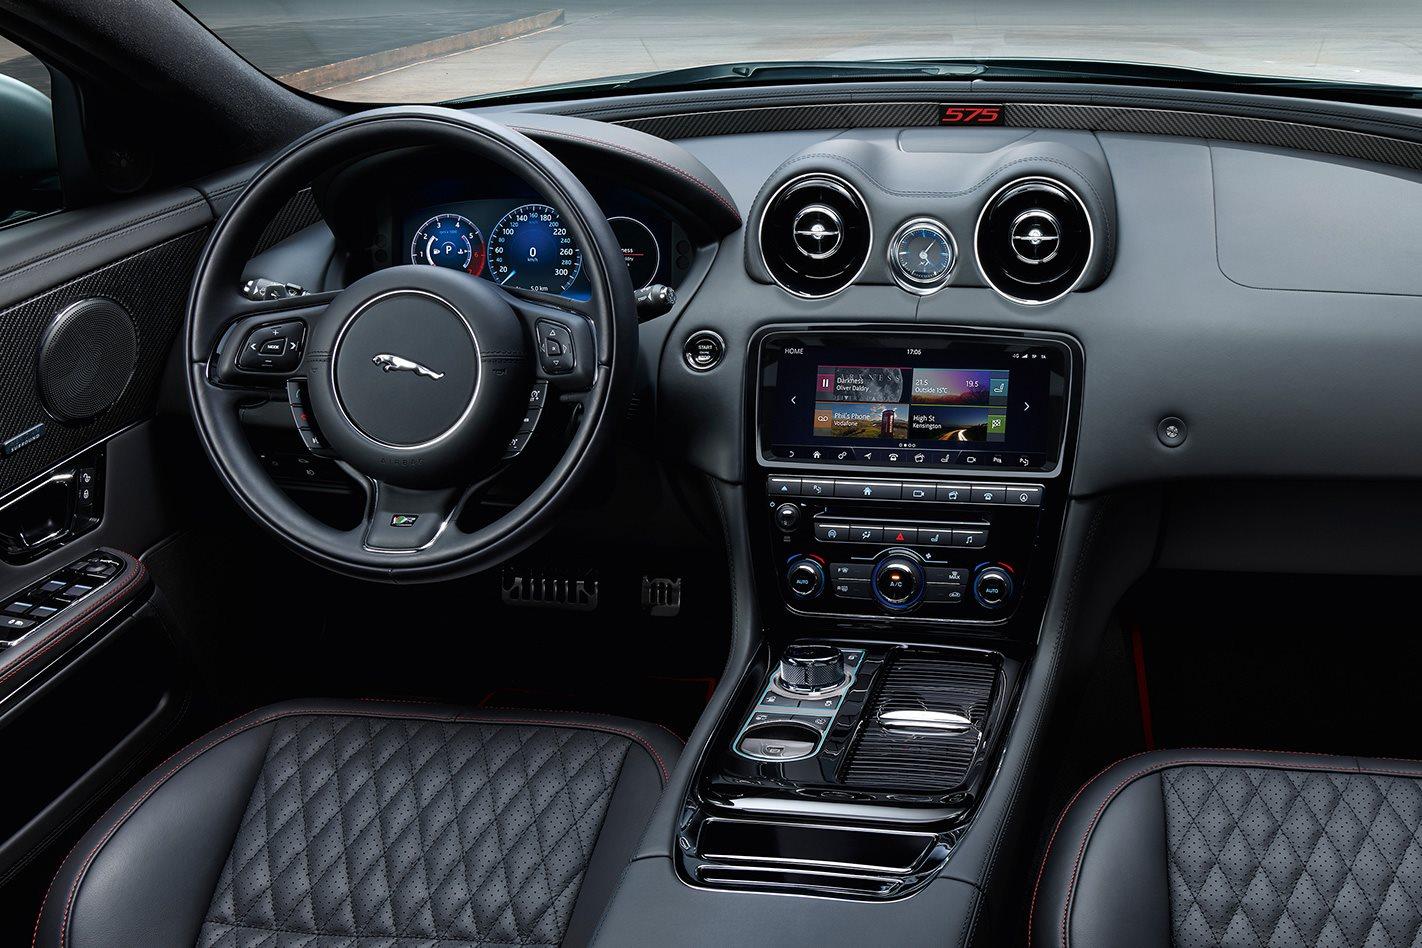 2018 Jaguar XJR575 interior